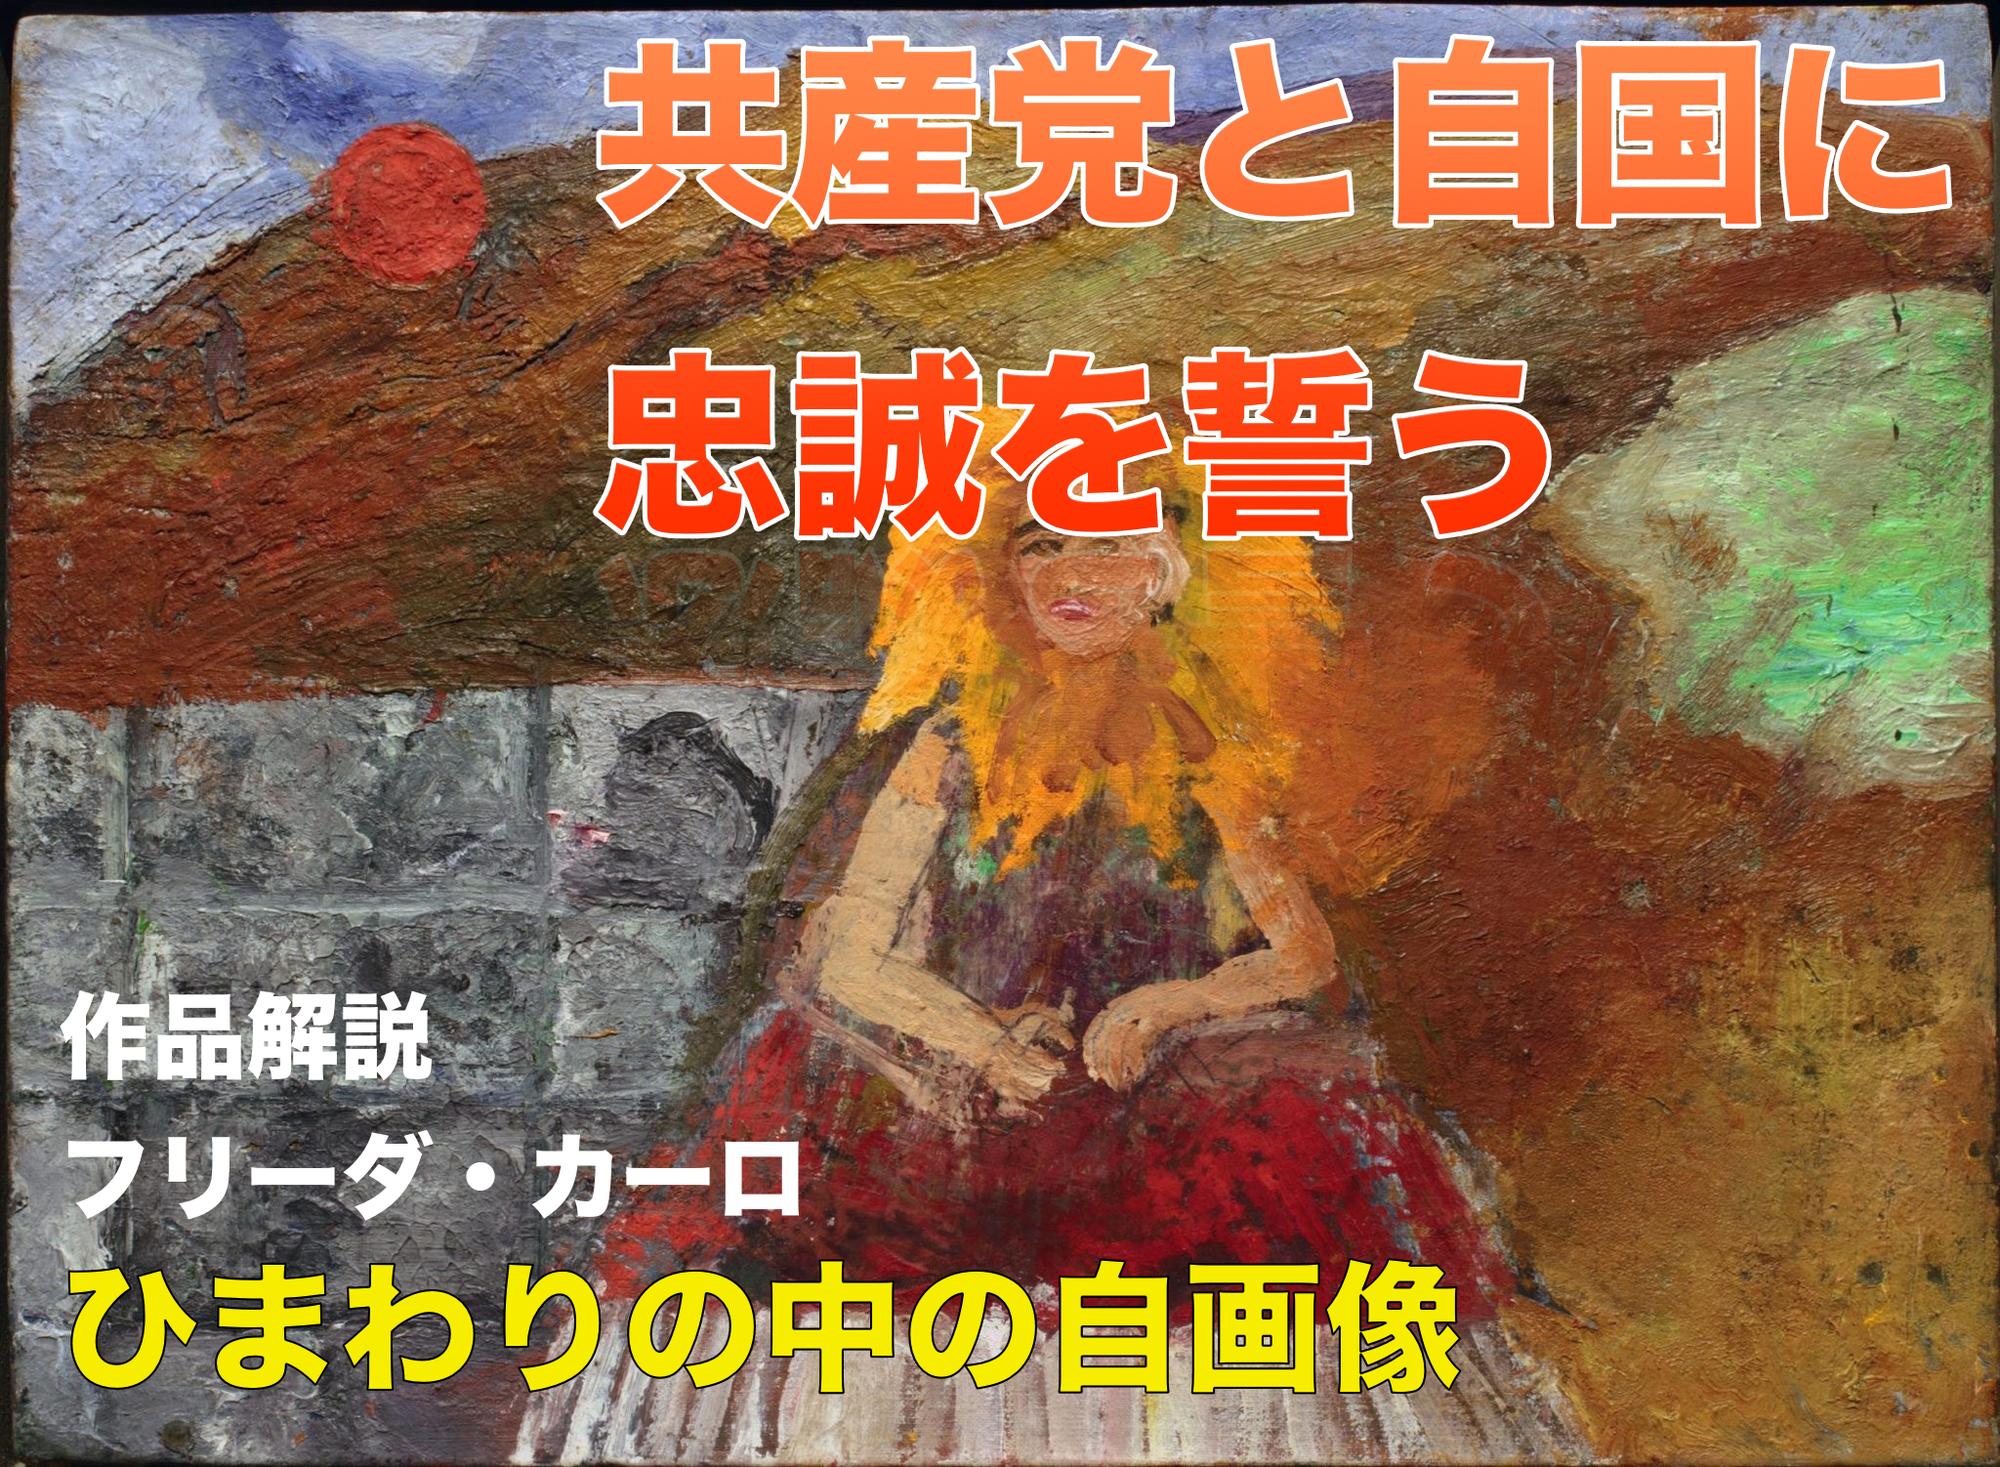 【作品解説】フリーダ・カーロ「ひまわりの中の自画像」